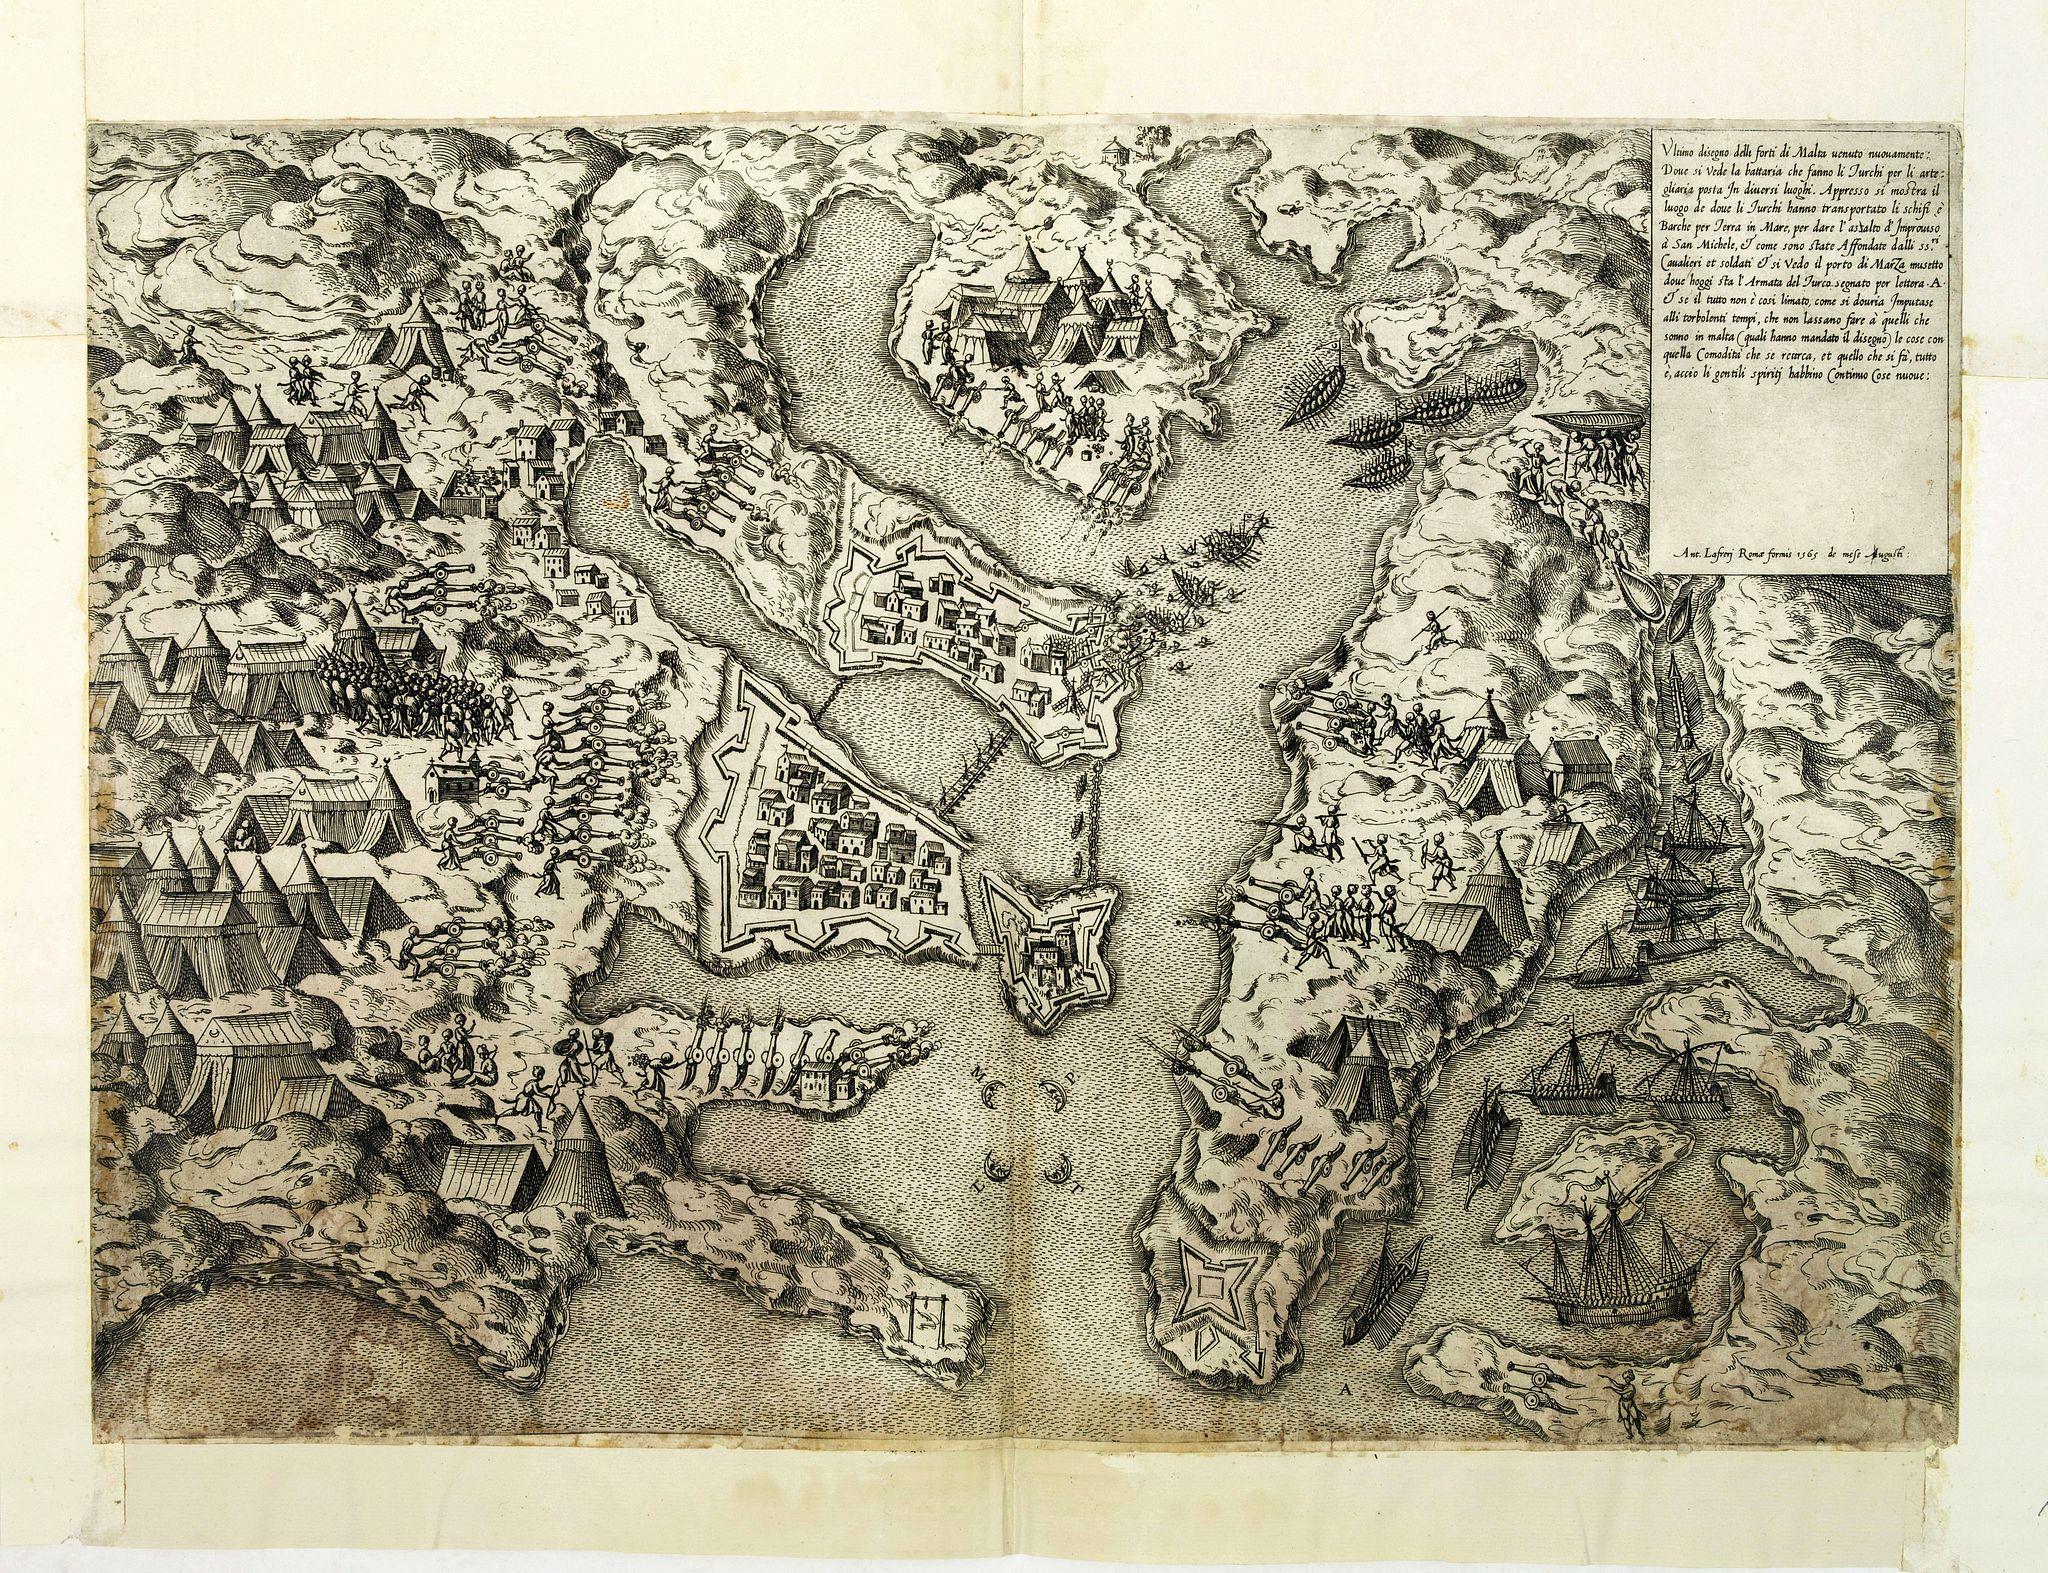 LAFRERI -  Ultimo disegno delli forti di Malta uenuto novamente. . . Ant. Lafrerj Romae formis 1565 de Mese Augusti.